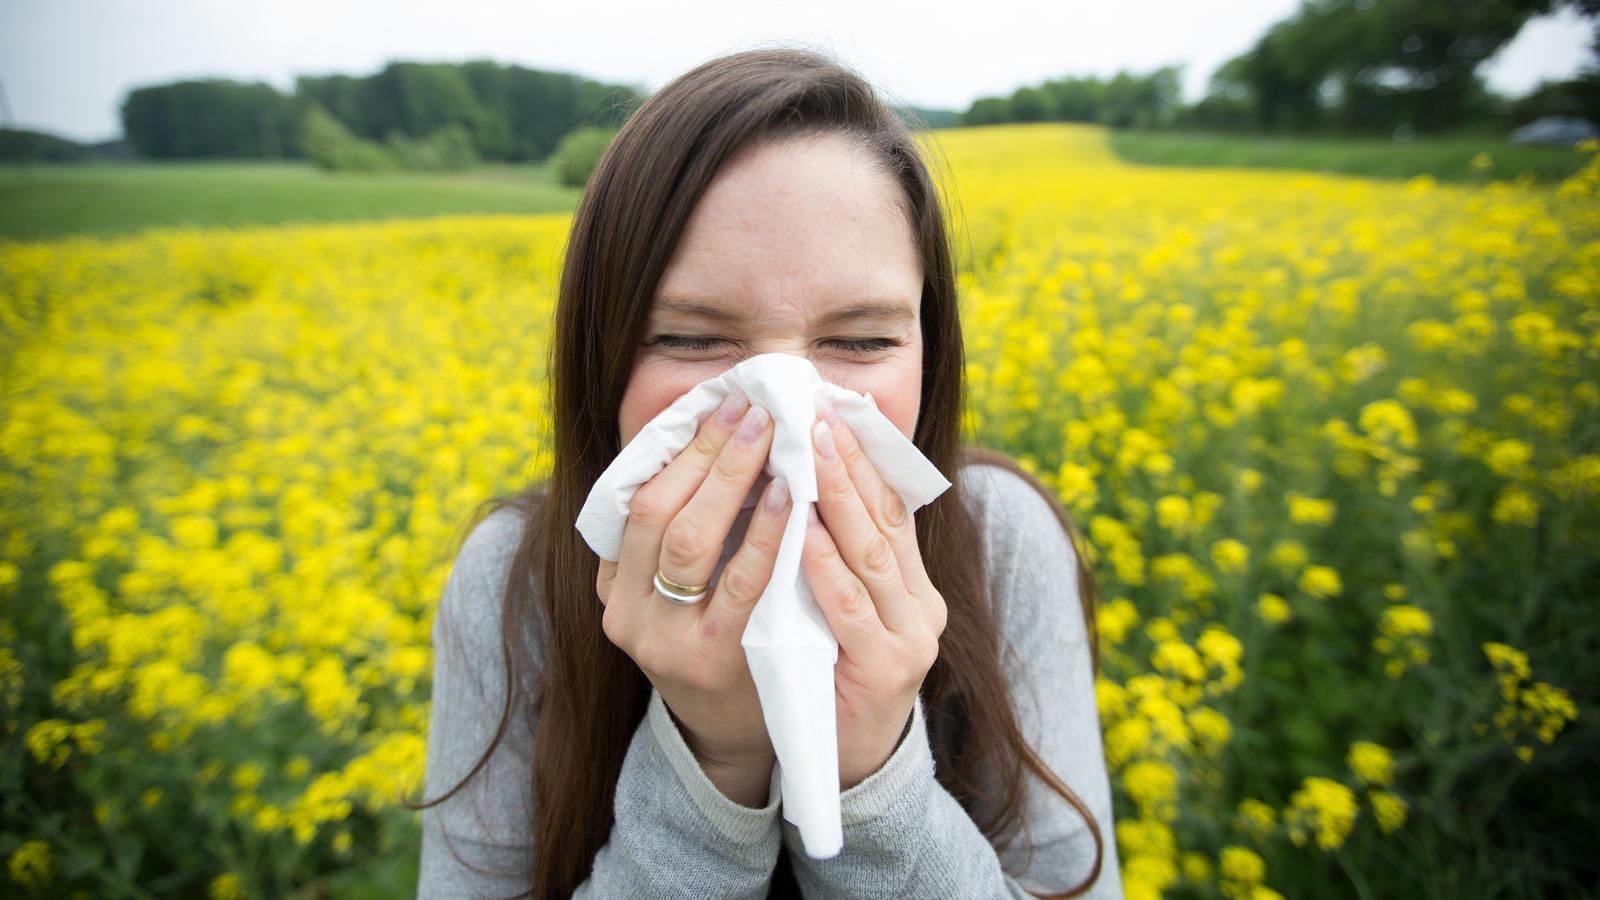 Eine Immuntherapie verspricht, Heuschnupfensymptome zu lindern. Klappt das?